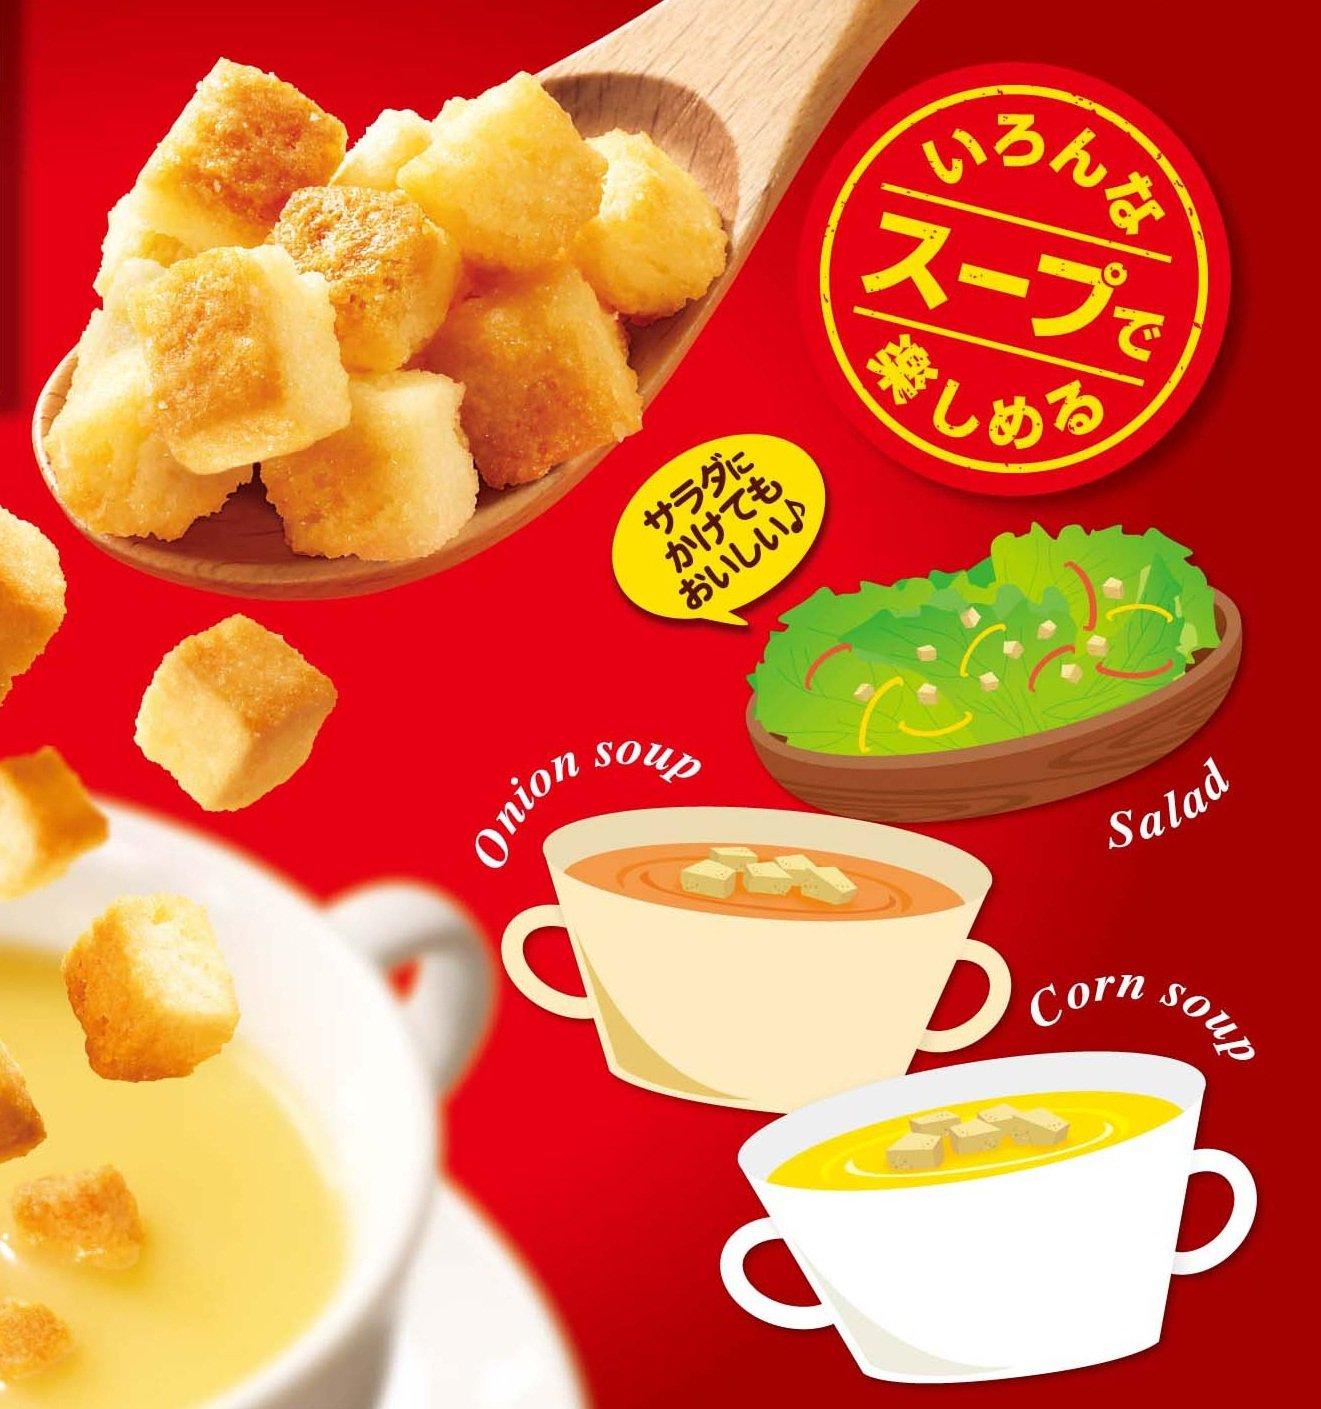 Pokka ensalada para el due?o de Sapporo trocitos de pan 100g llanura: Amazon.es: Alimentación y bebidas